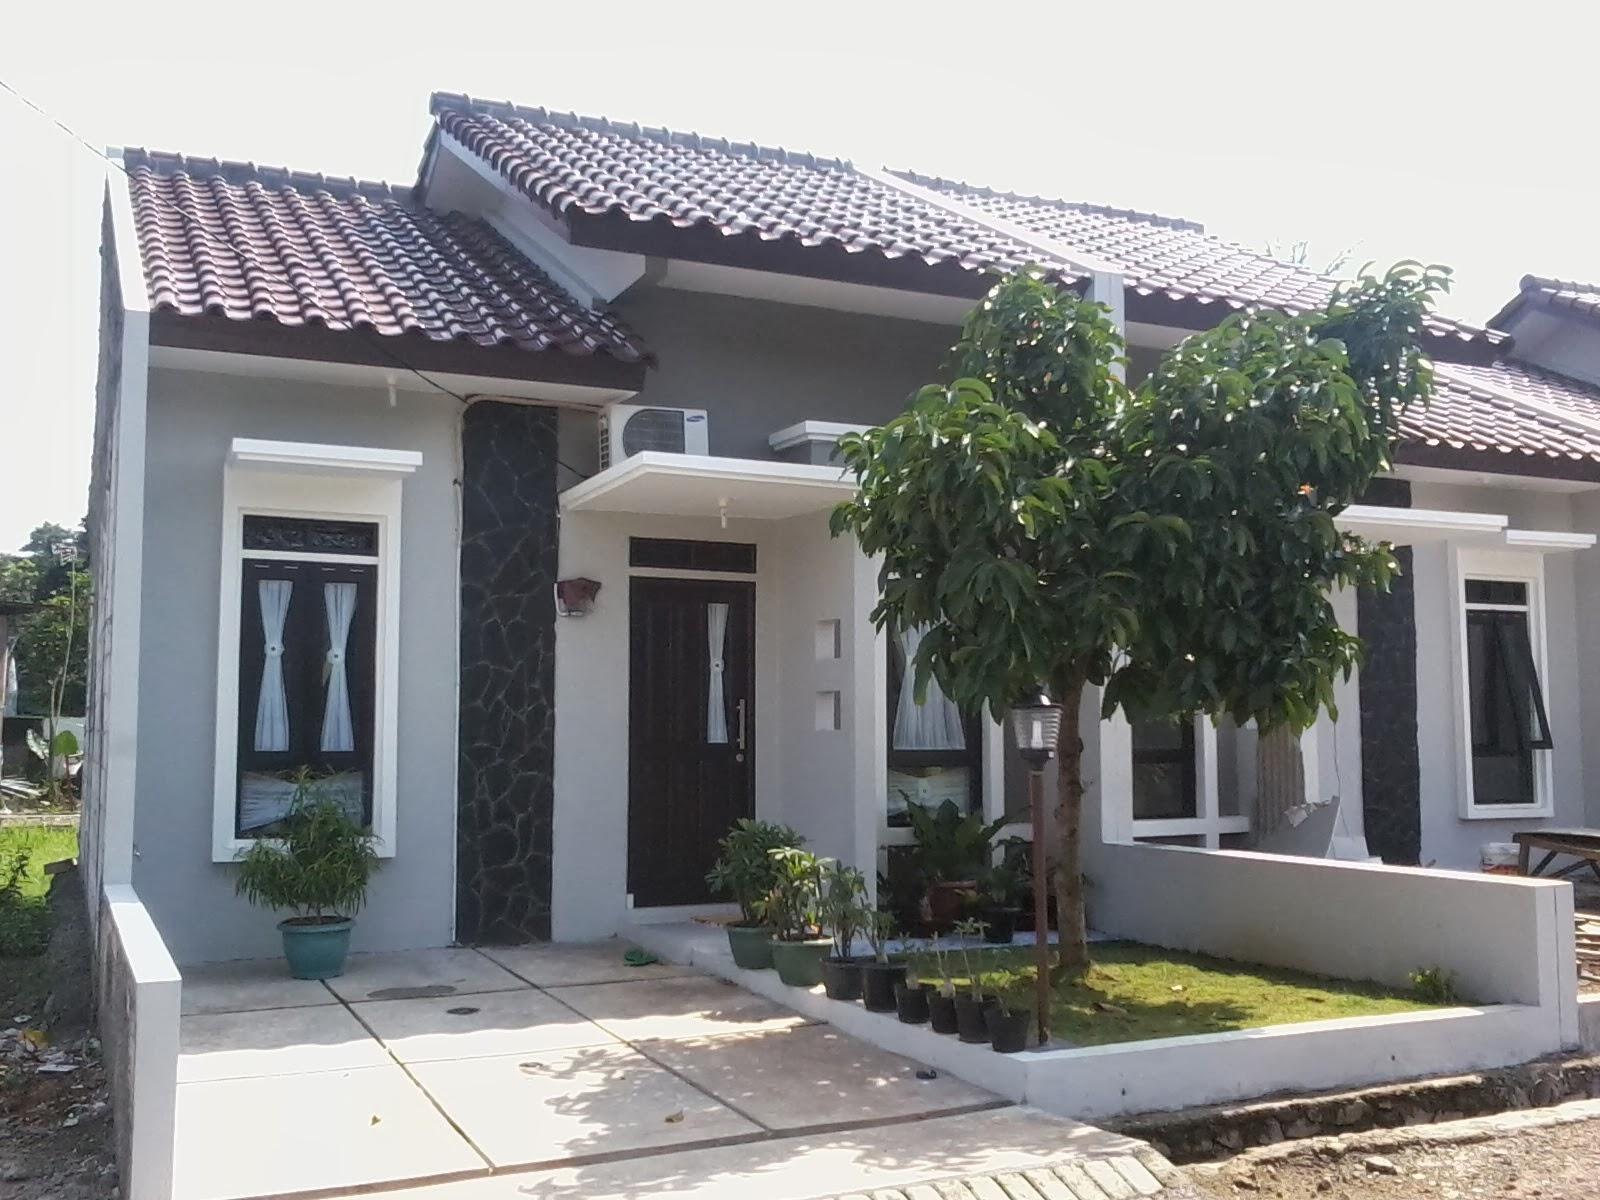 foto model rumah minimalis terbaru 2014 model rumah